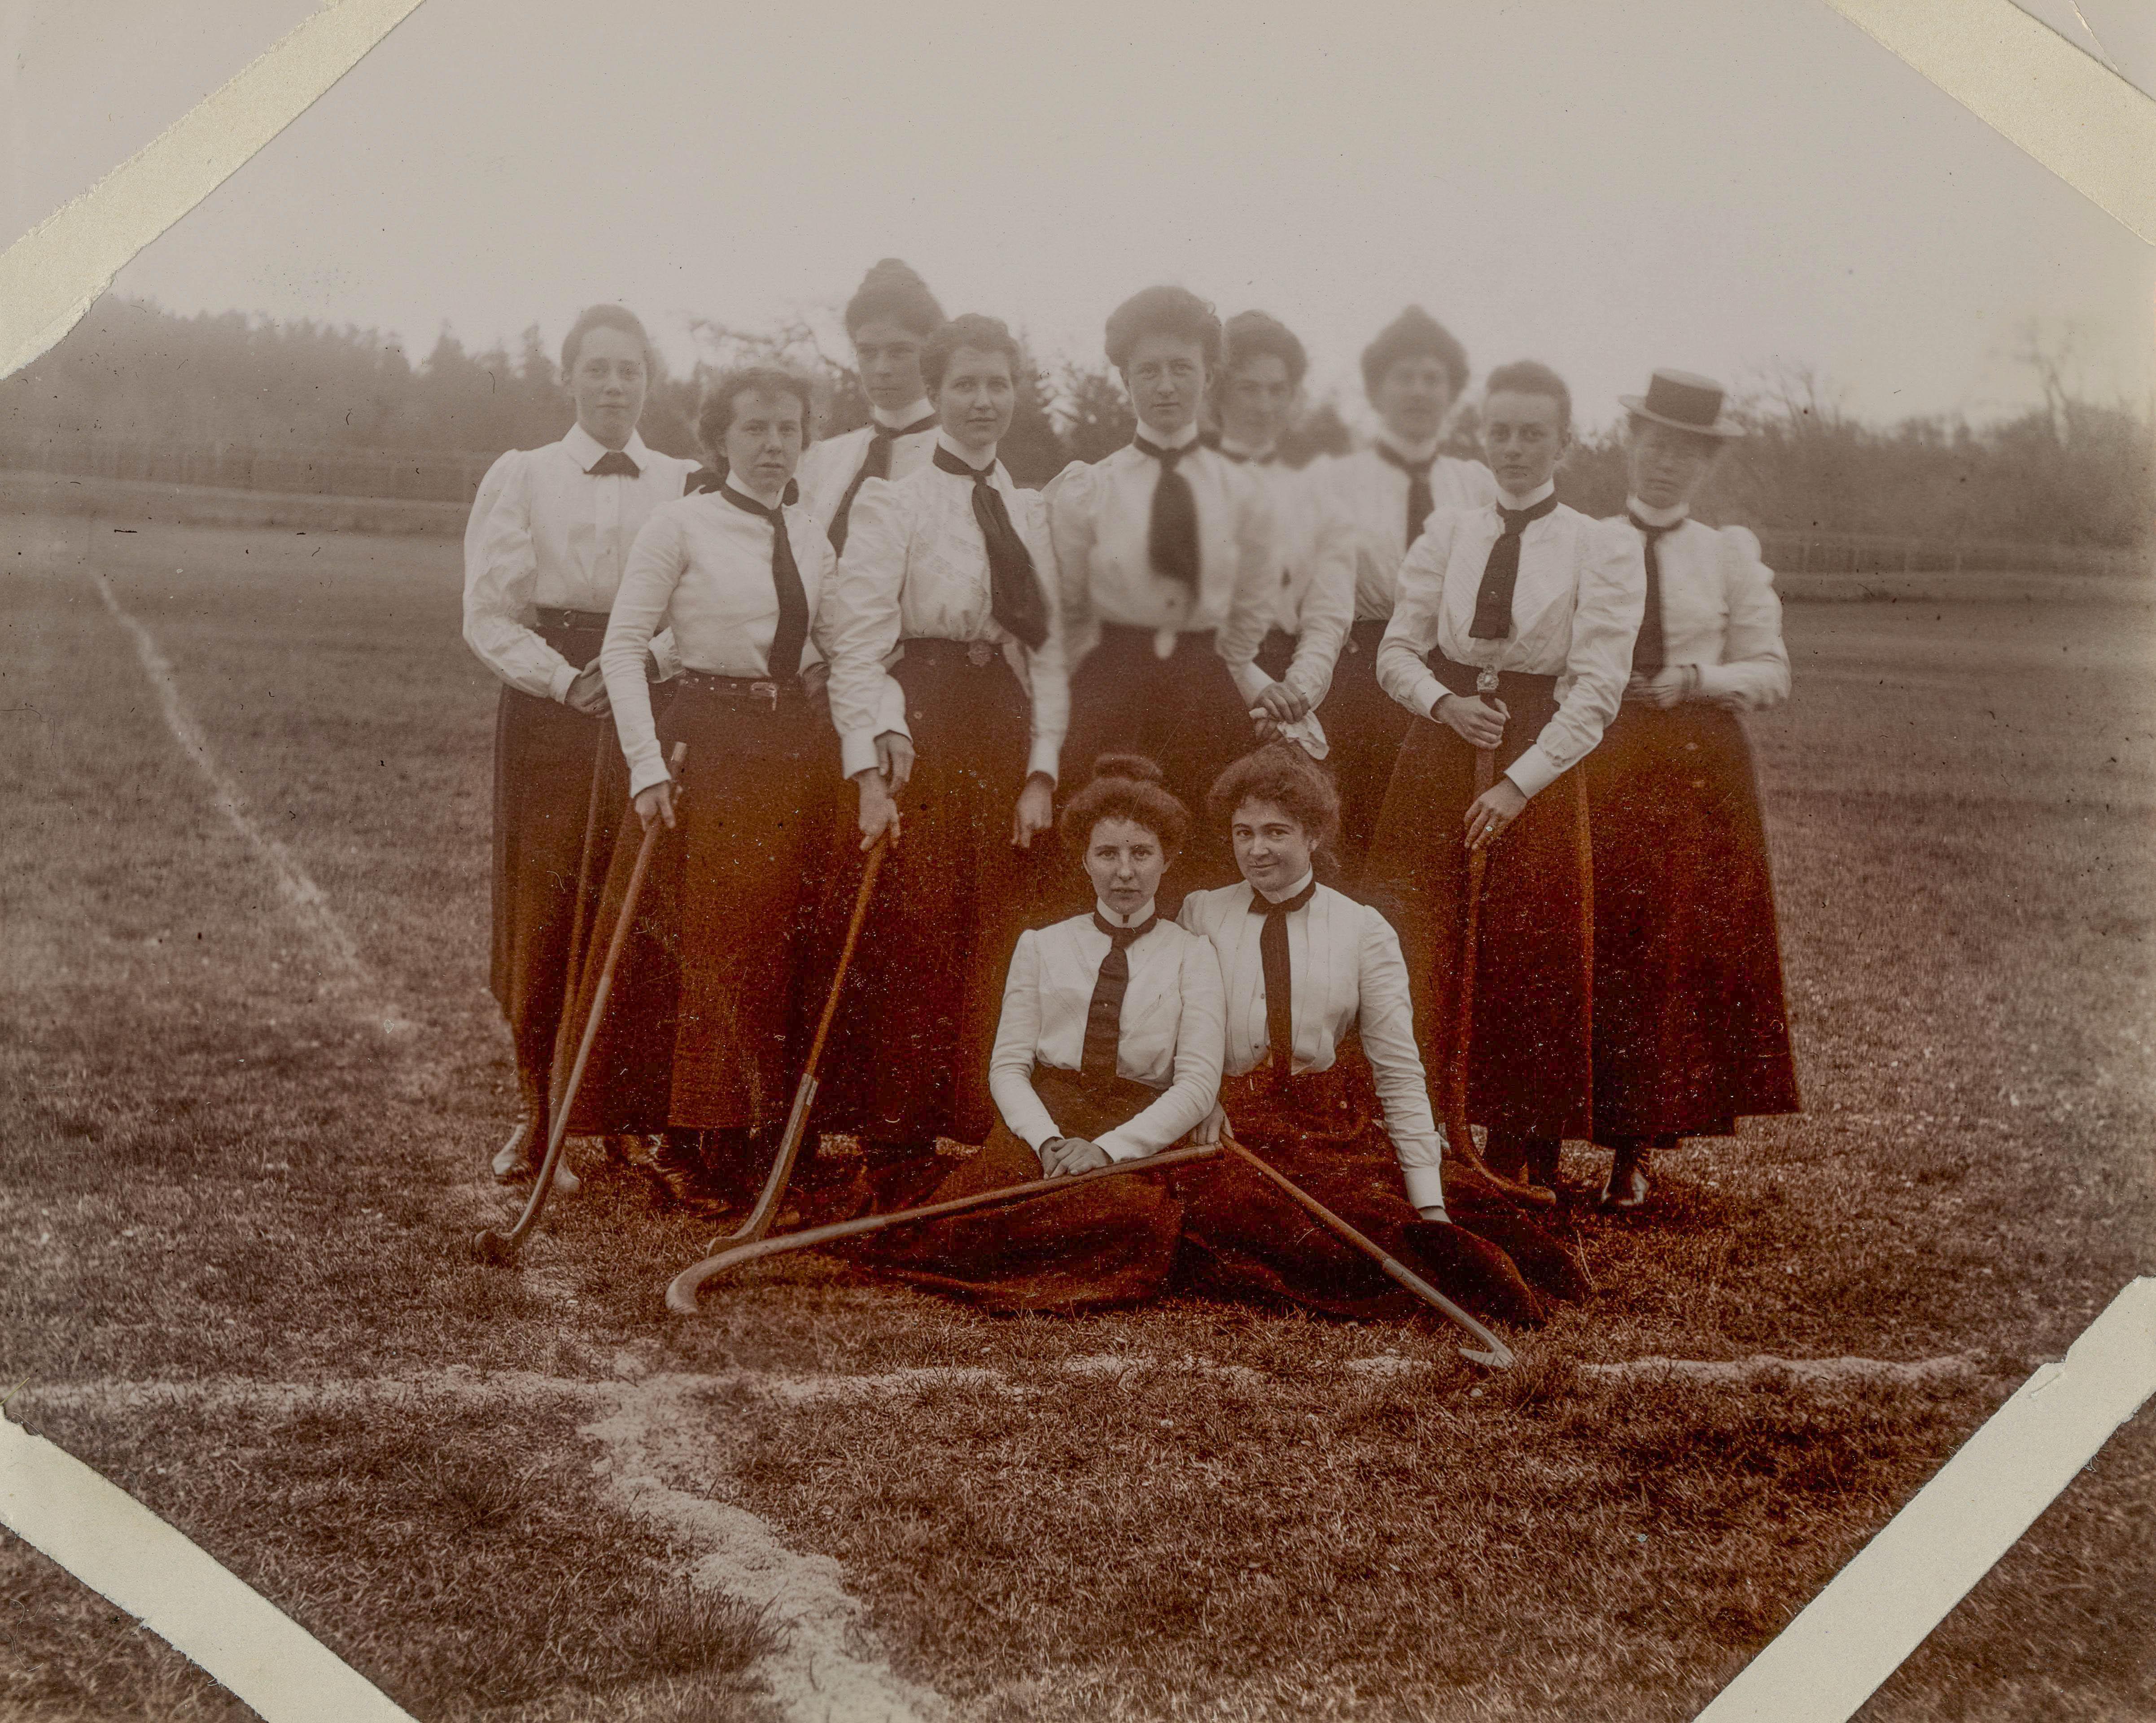 cdm.langmann.1-0053444.0057full-.WmA Bauer Photo Album=n Vancouvrer Hockey Teamjpg